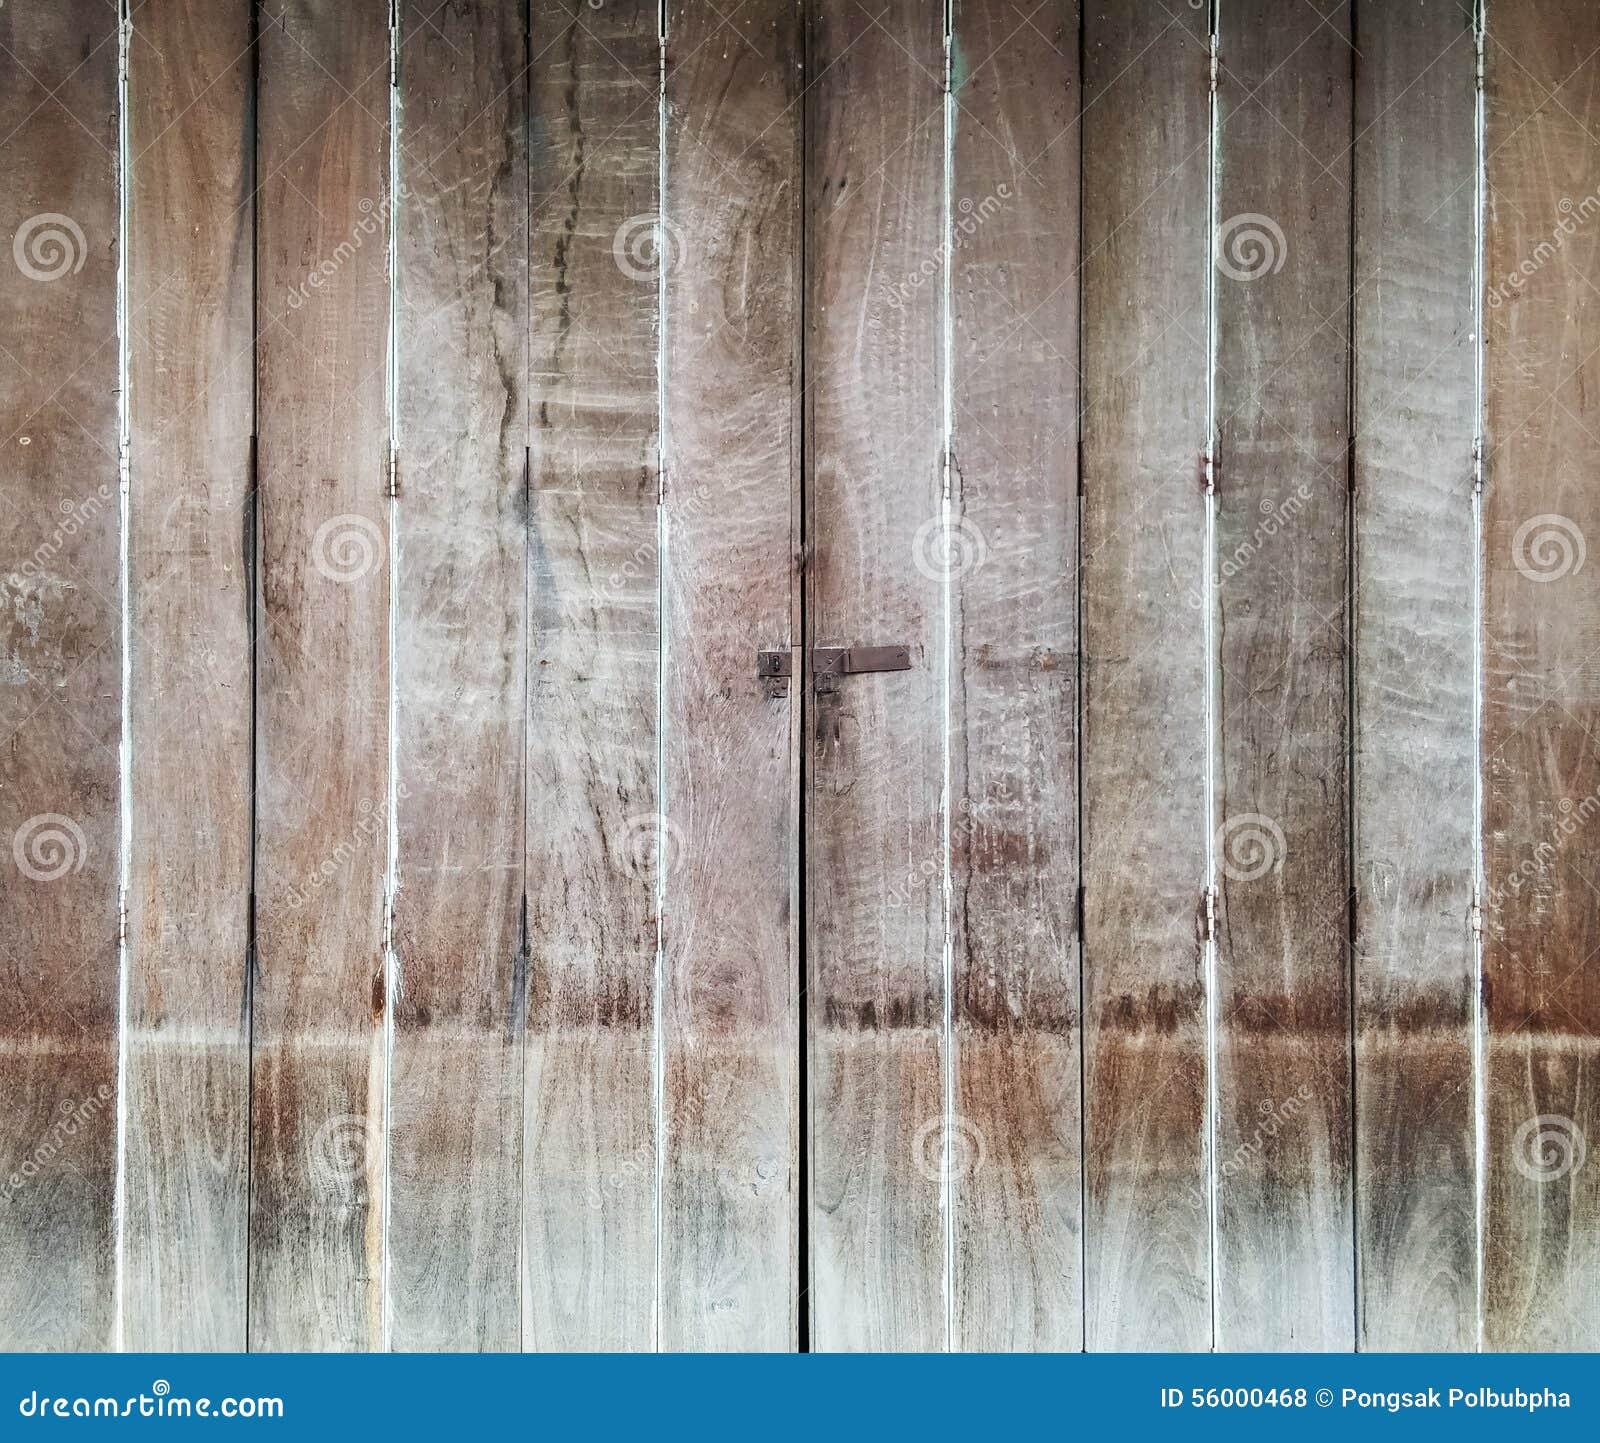 Download Wooden folding door stock photo. Image of rusty, decor - 56000468